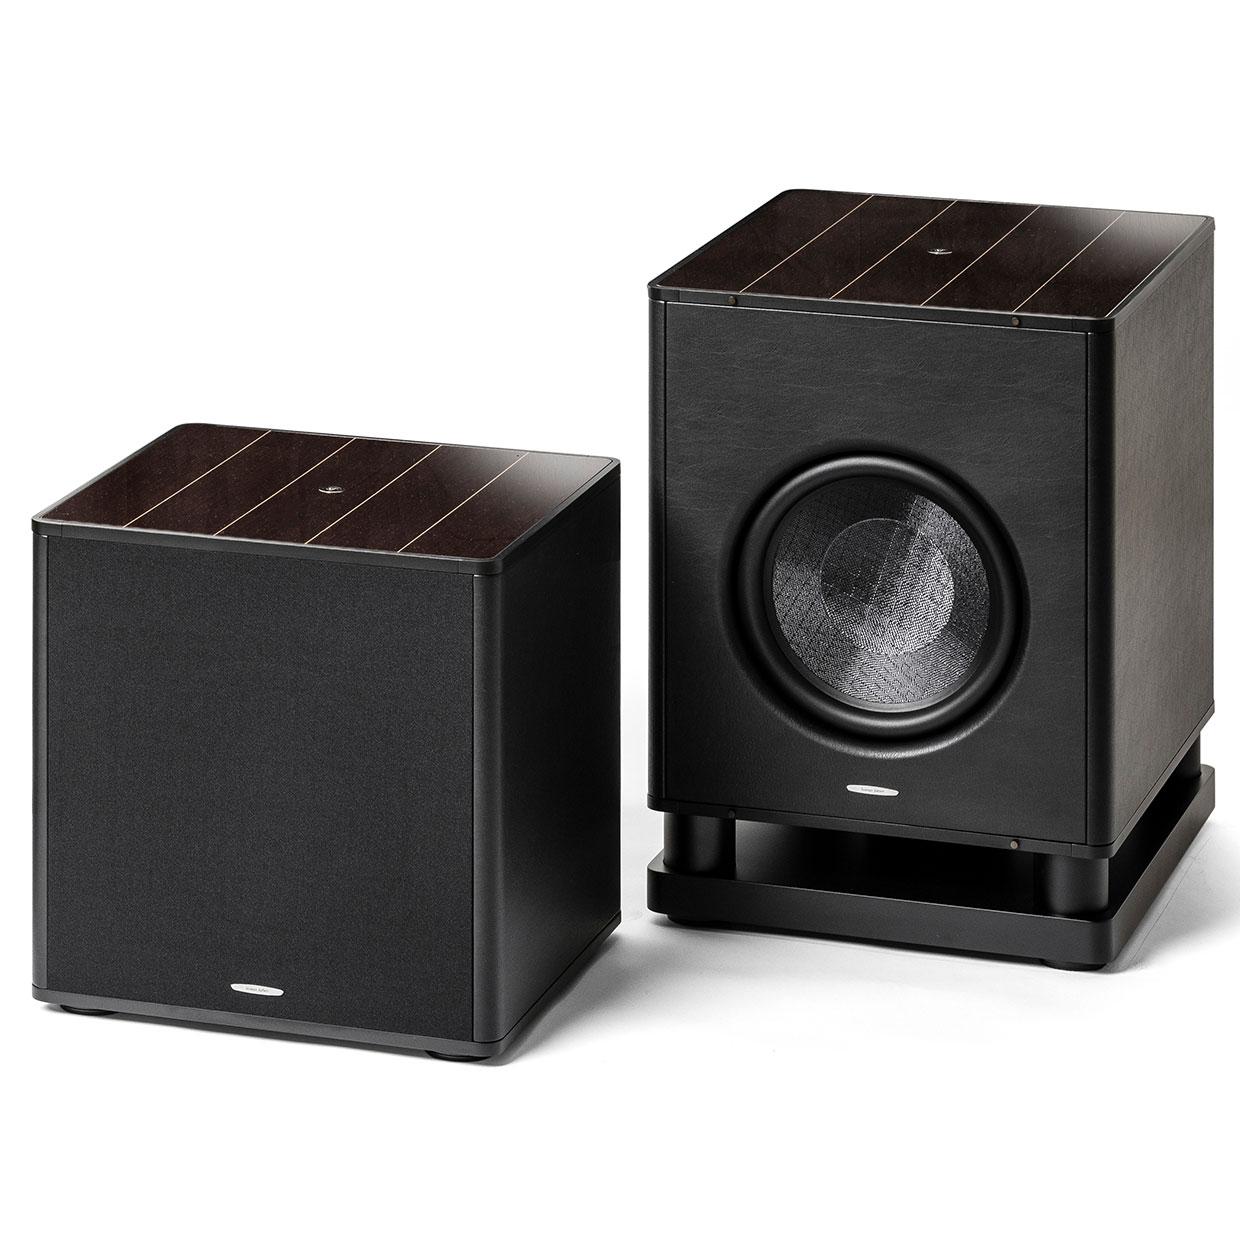 fuse box vs breaker box hi fi loudspeakers and high efficiency gravis v vi